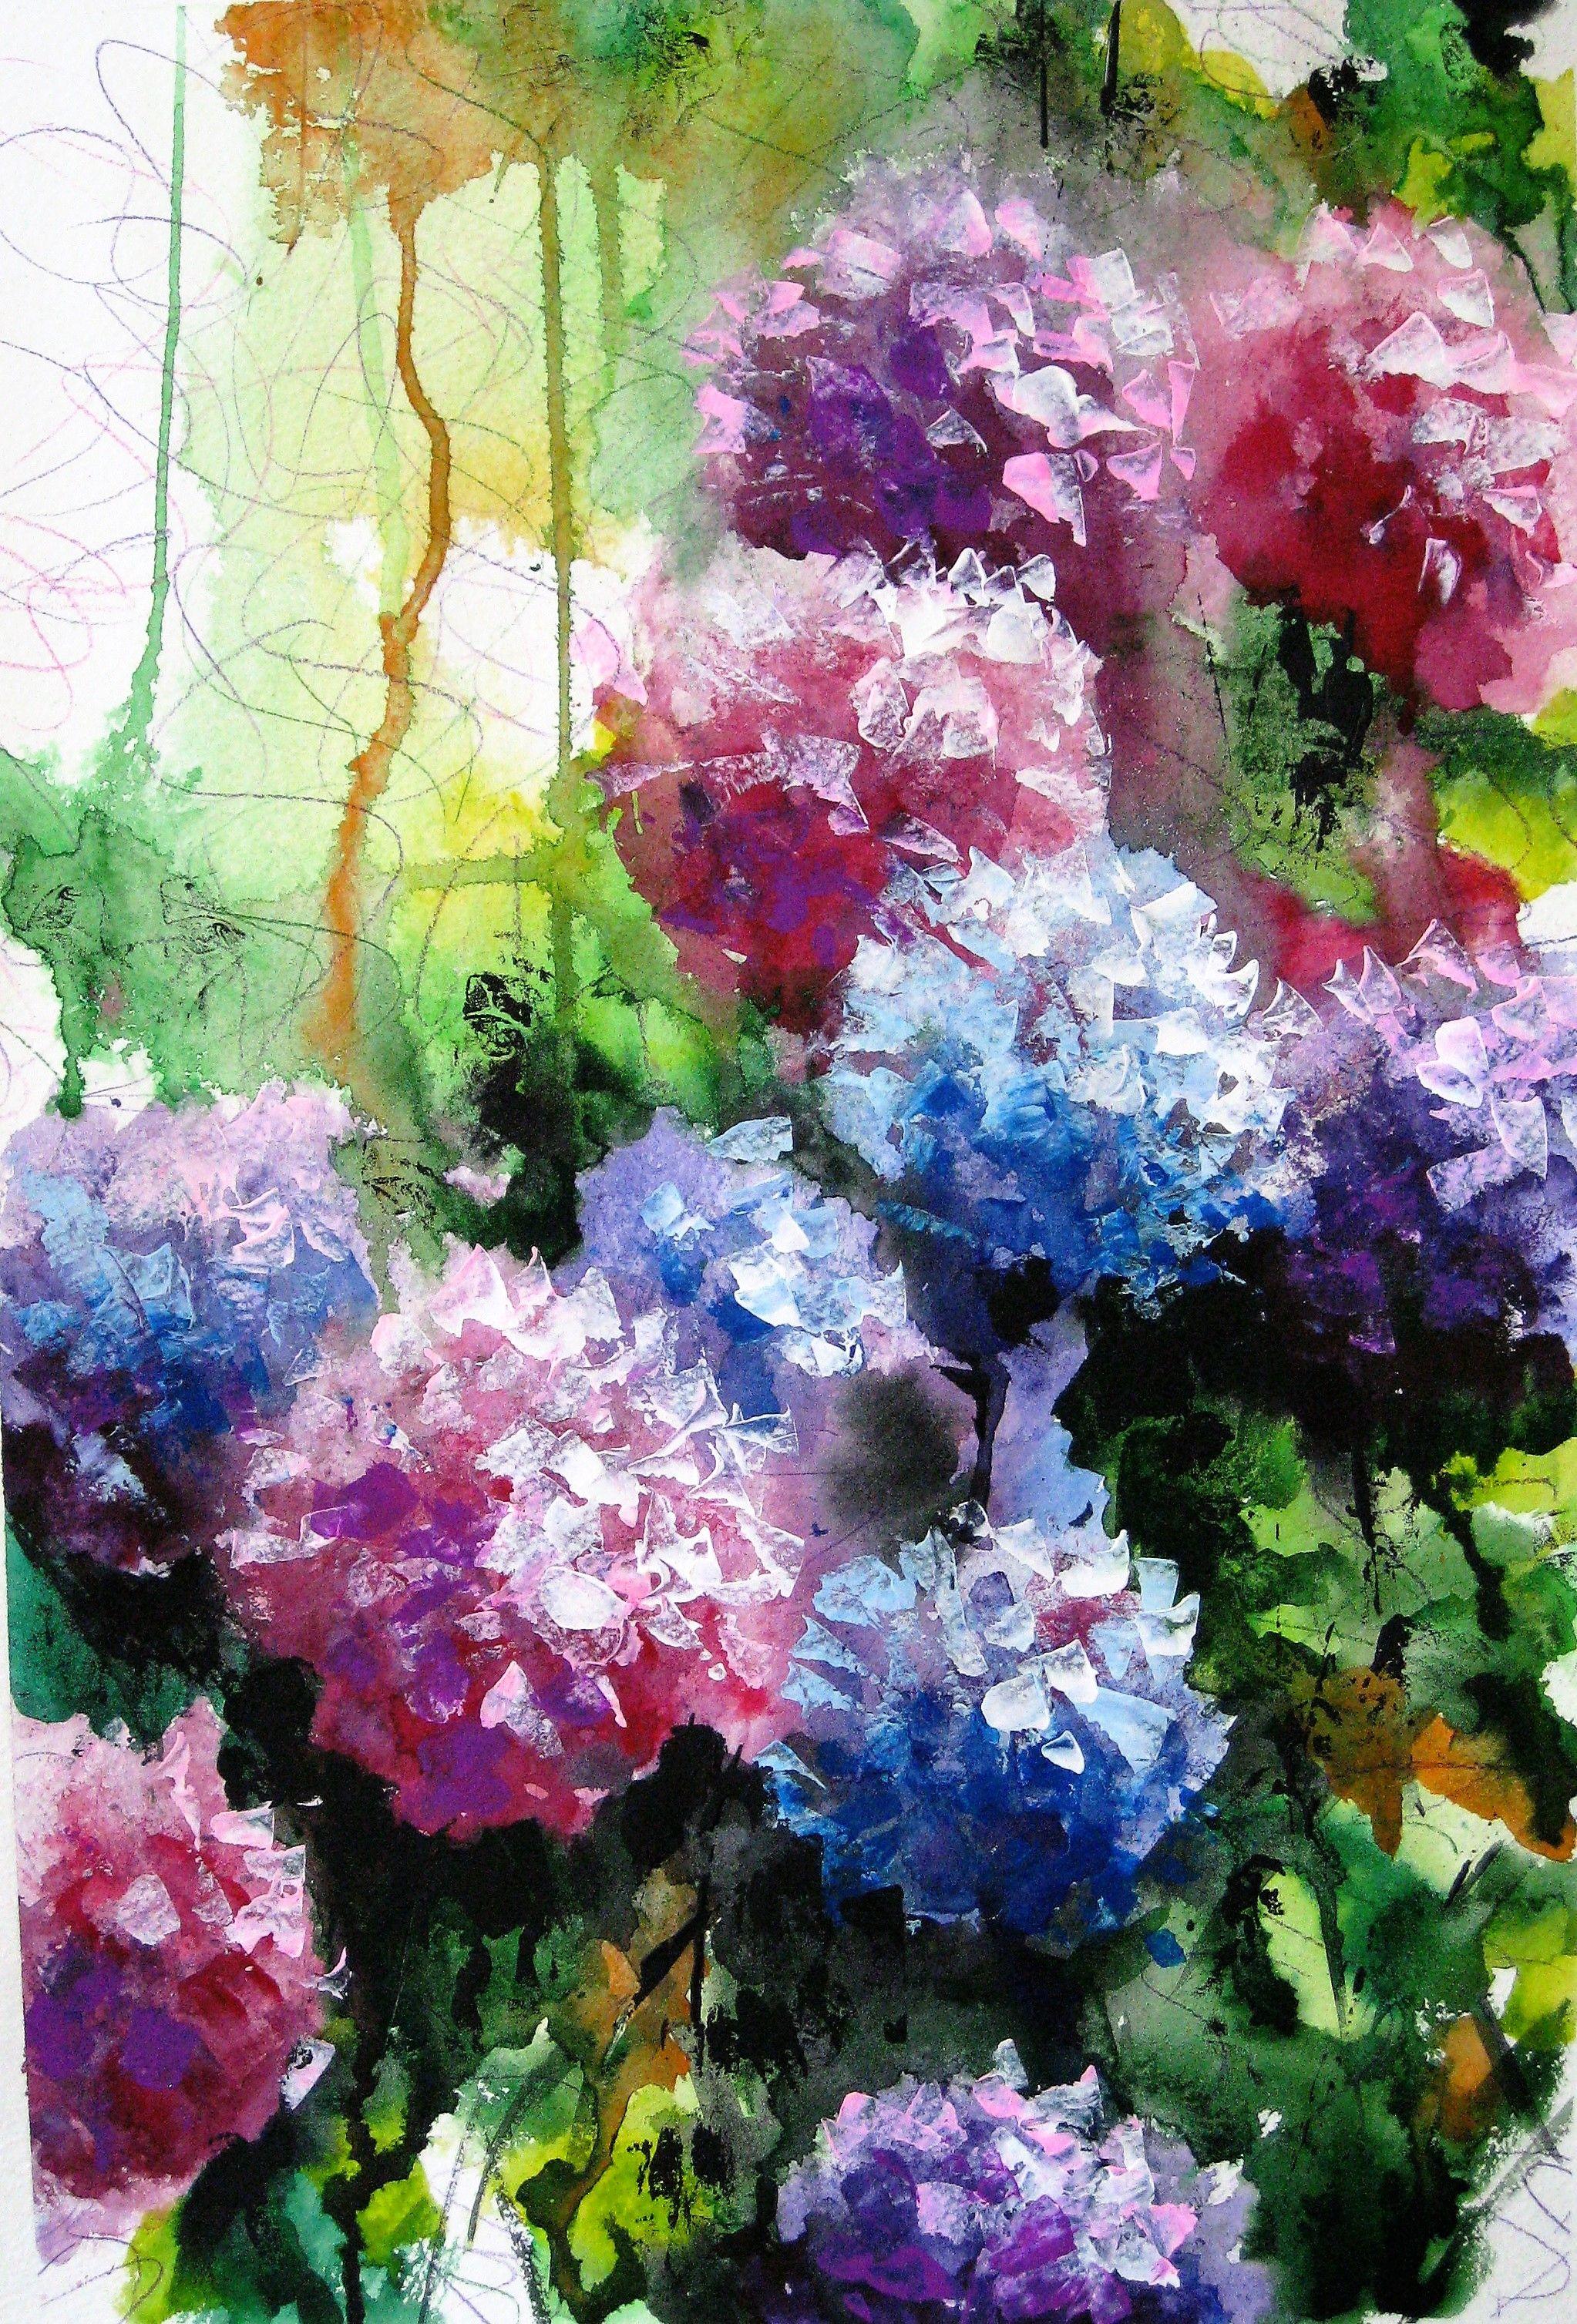 Watercolor Flower Painting Hydrangea Flower Art Floral Wall Decor Flower Painting Watercolor Flowers Paintings Flower Art